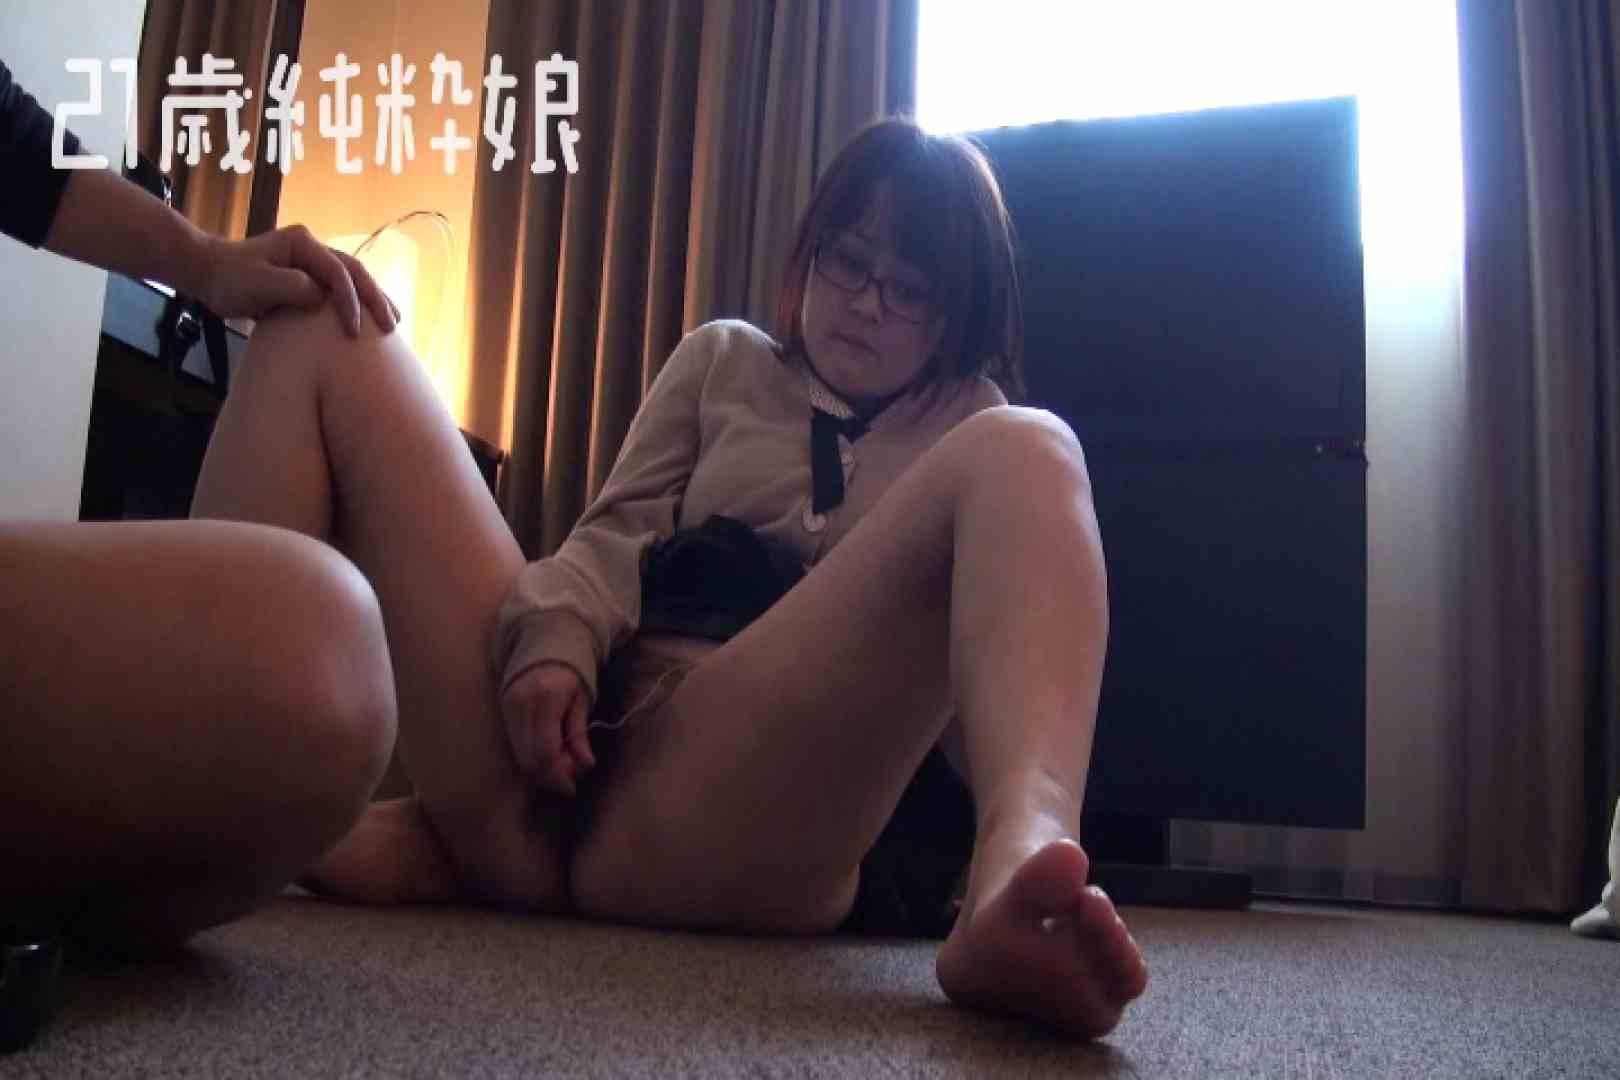 Gカップ21歳純粋嬢第2弾Vol.3 一般投稿  38連発 9